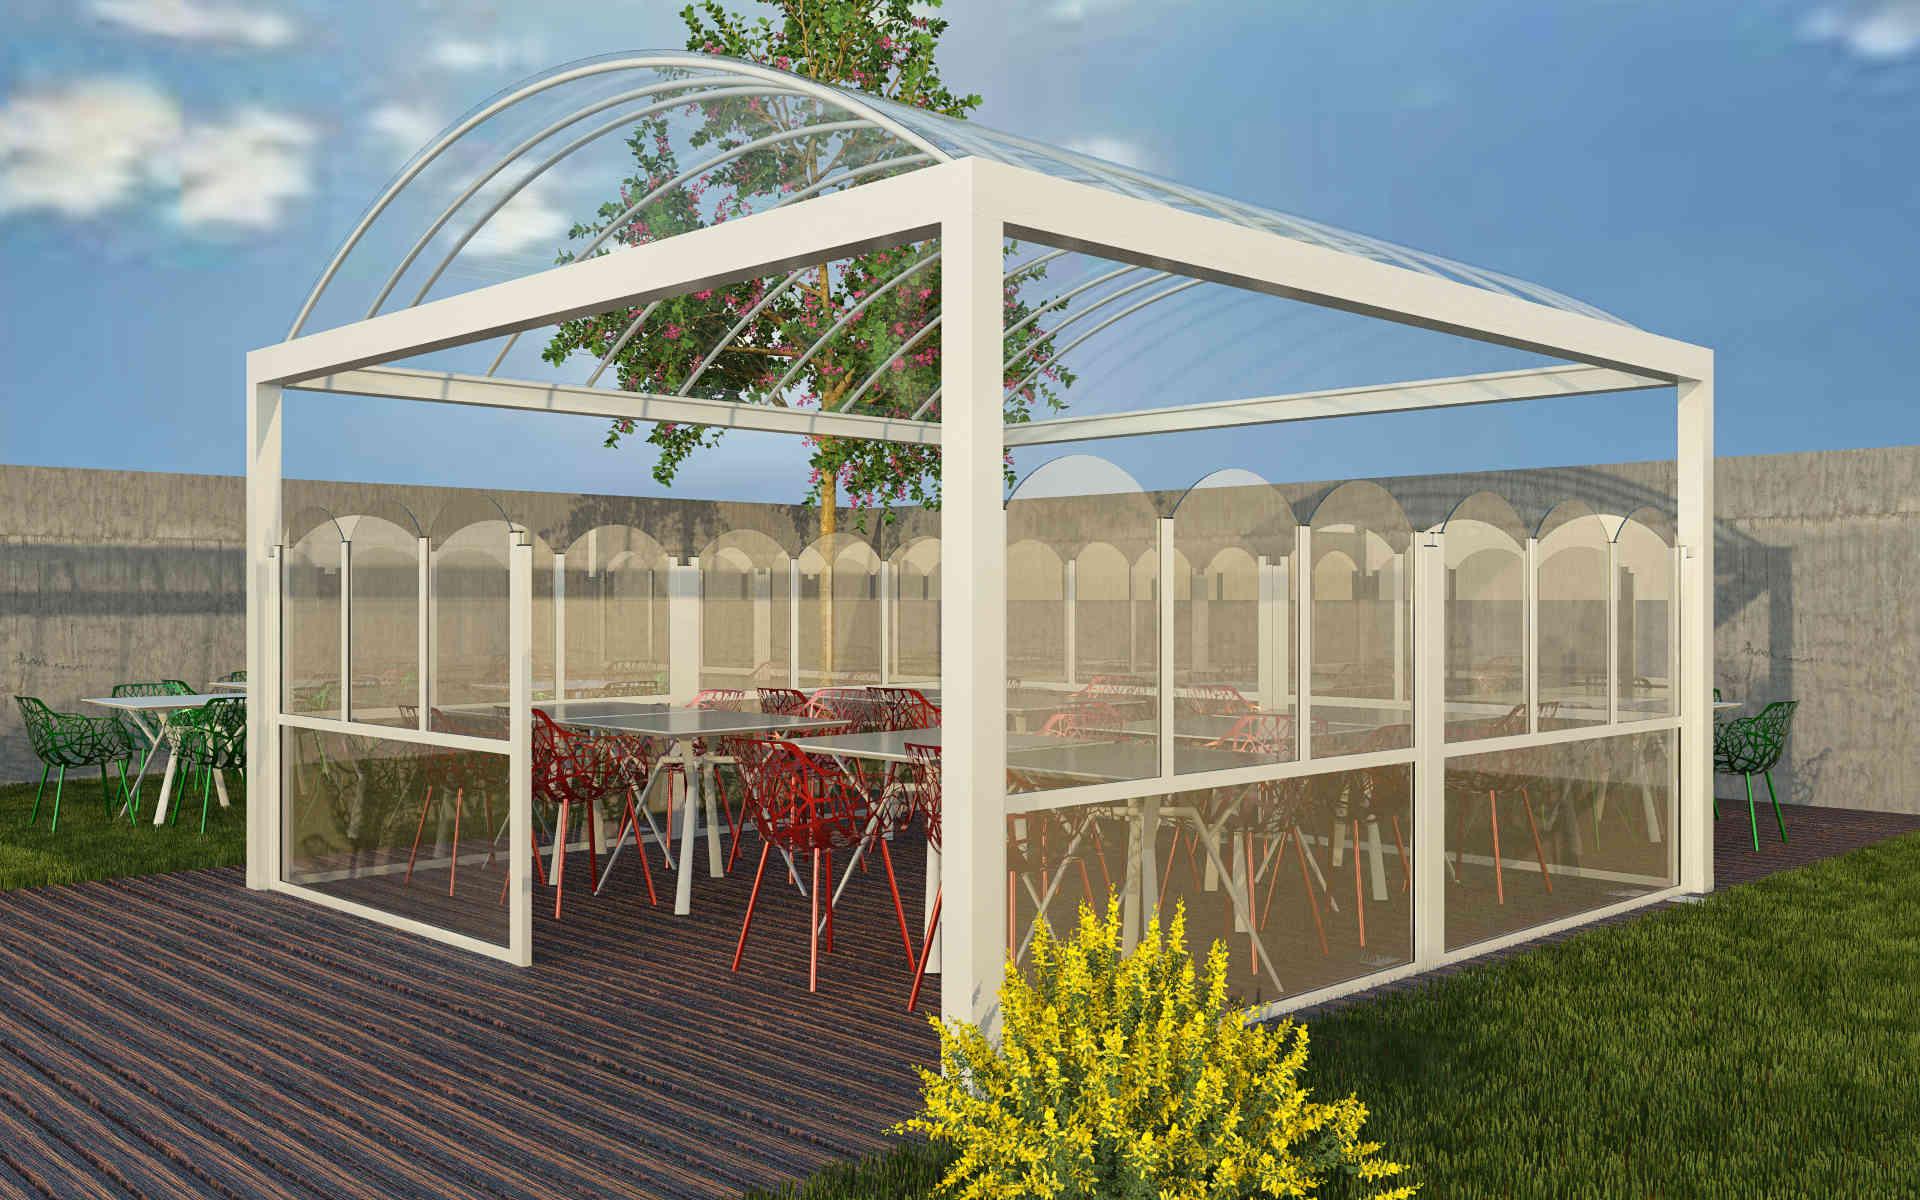 Paravento modulare per esterno in alluminio e vetro mod. Classic - Stameat srl - Produzione ed installazione - Padova